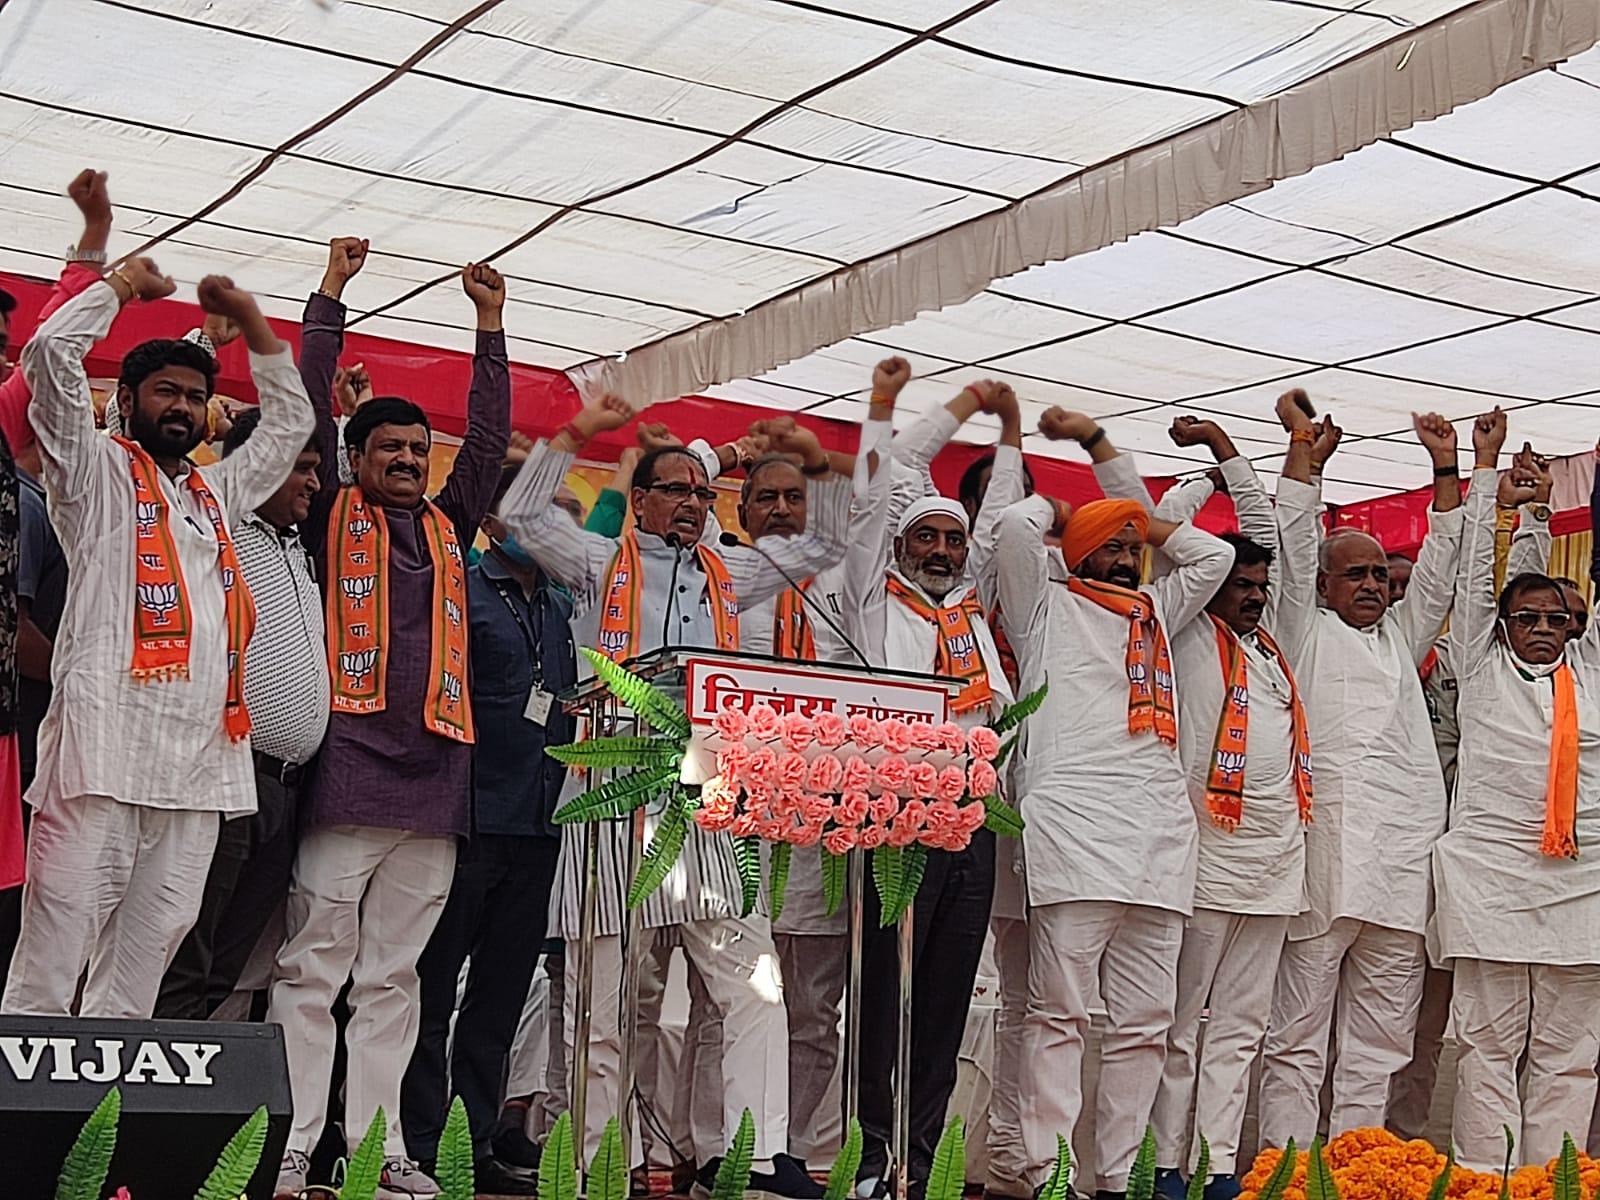 बोले - कांग्रेस के लोग गाली देते, हम काम करते; सिंचाई-बिजली पर दिग्विजय तो संबल योजना पर कमलनाथ को घेरा|खंडवा,Khandwa - Dainik Bhaskar